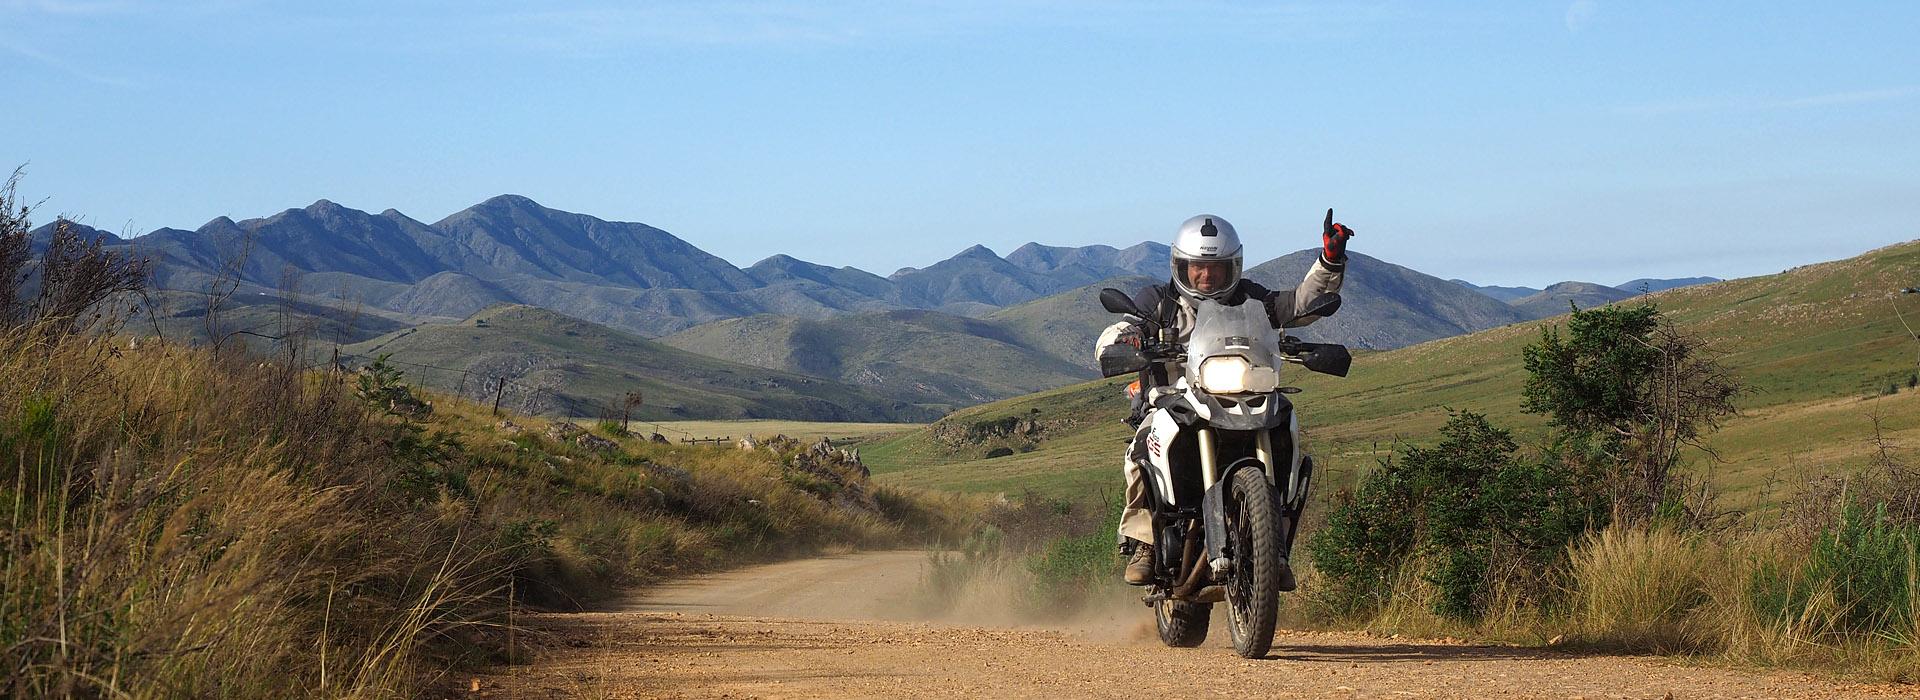 Motorreis Zuid-Afrika Die Hel deelnameformulier